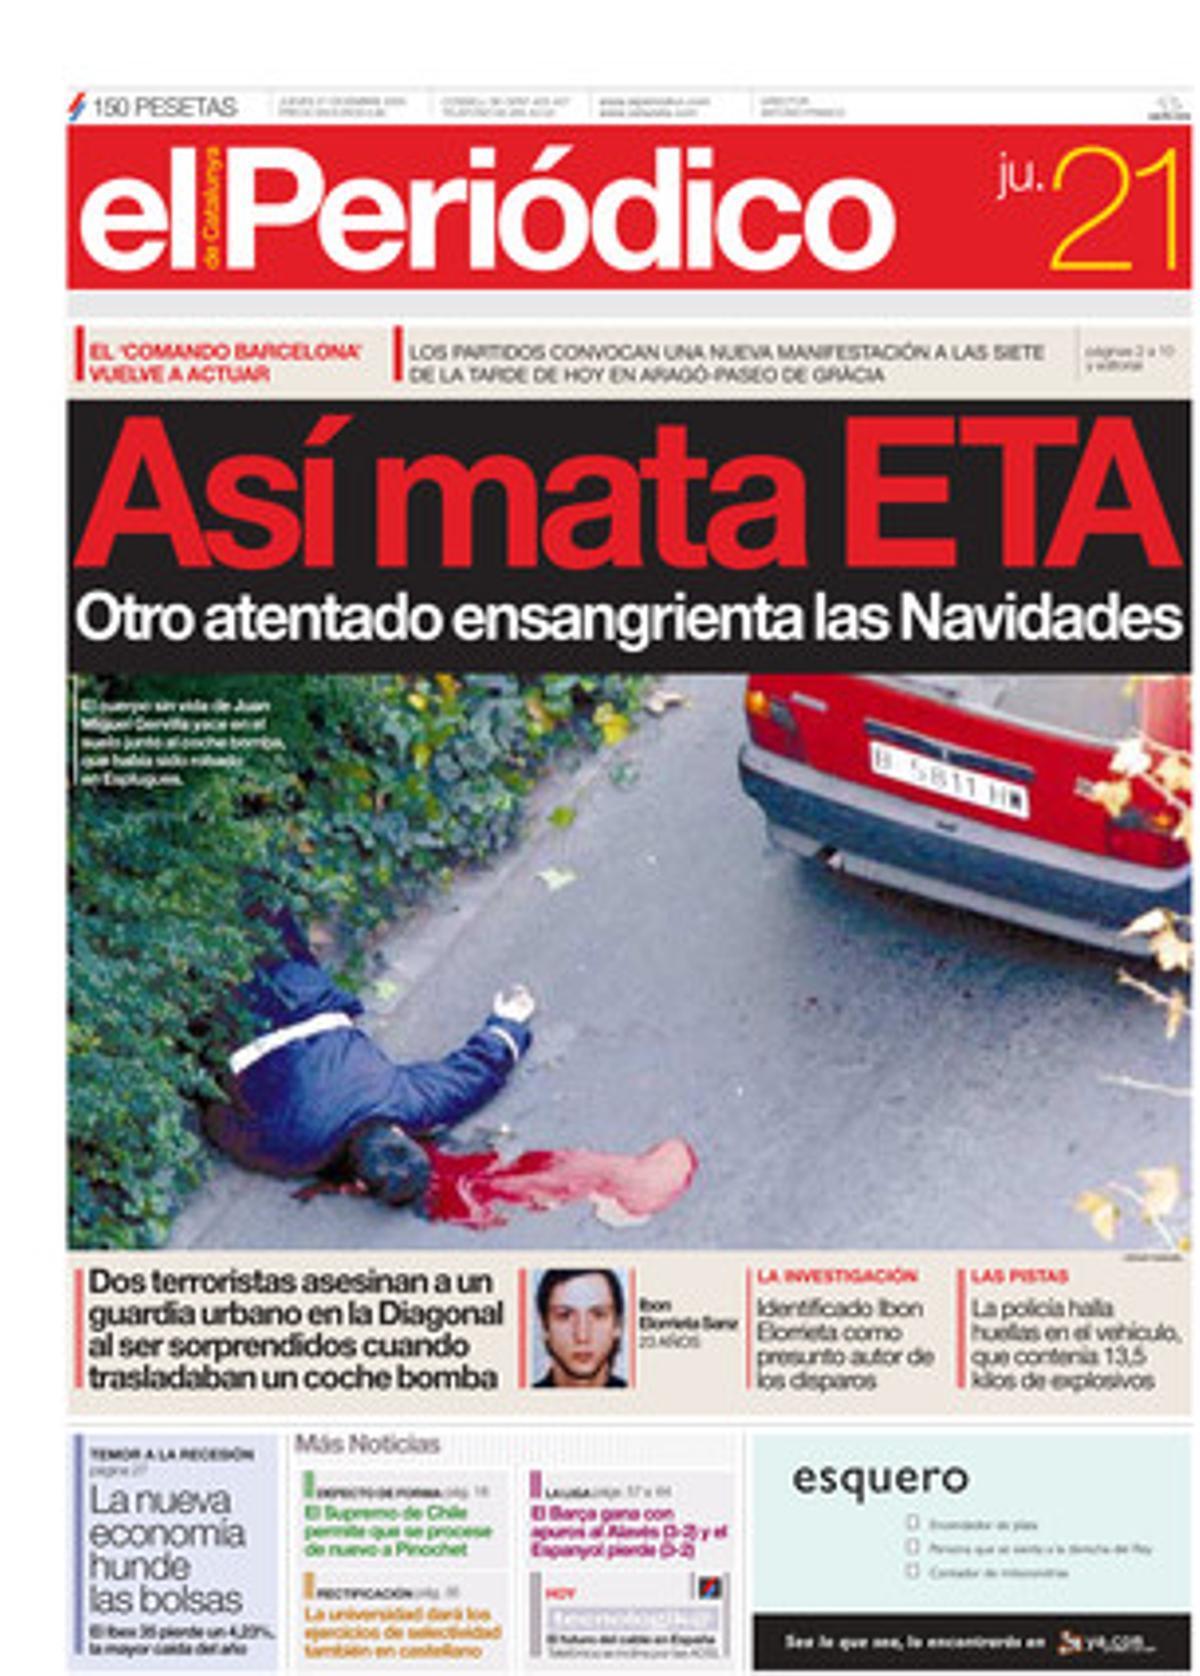 Dos etarras asesinan a un guardia urbano en la Diagonal al ser sorpendidos cuando trasladaban un coche bomba. 21/12/2000